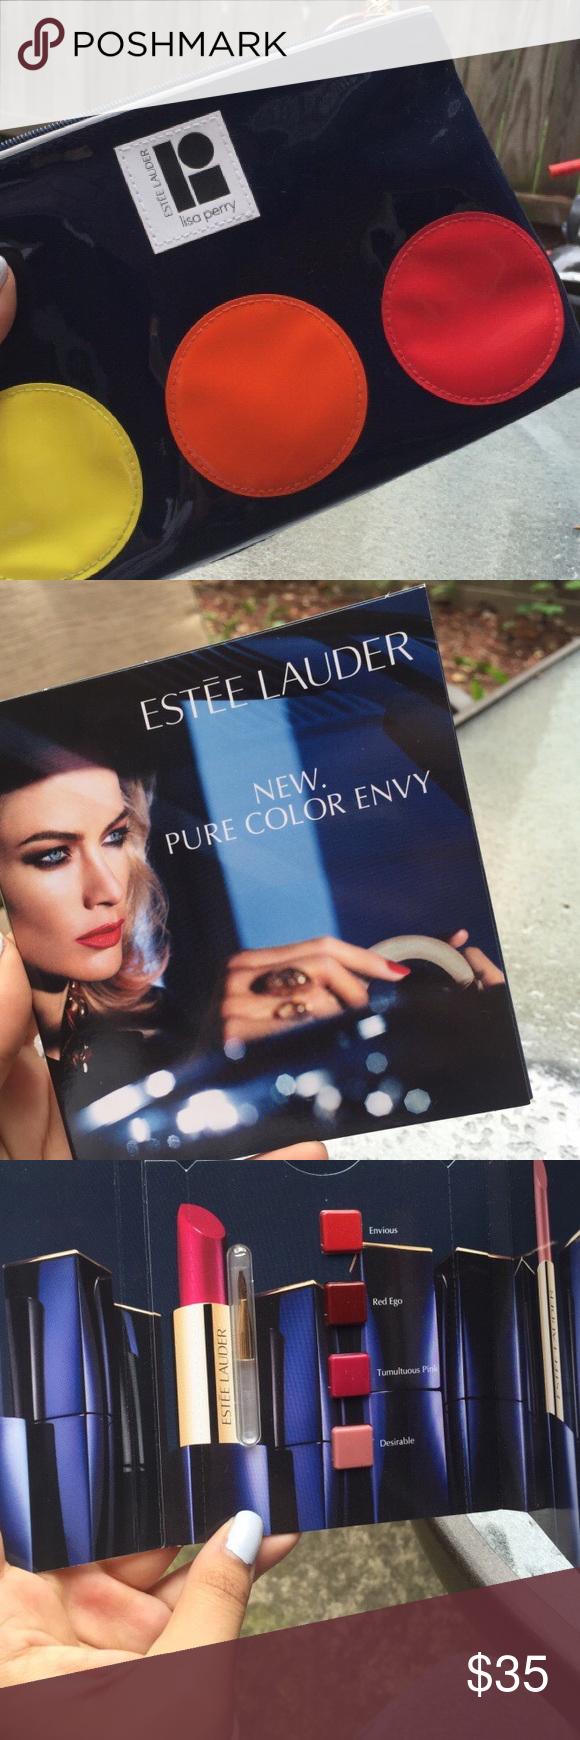 Estée Lauder makeup kit Estée Lauder x Lisa Perry cosmetic